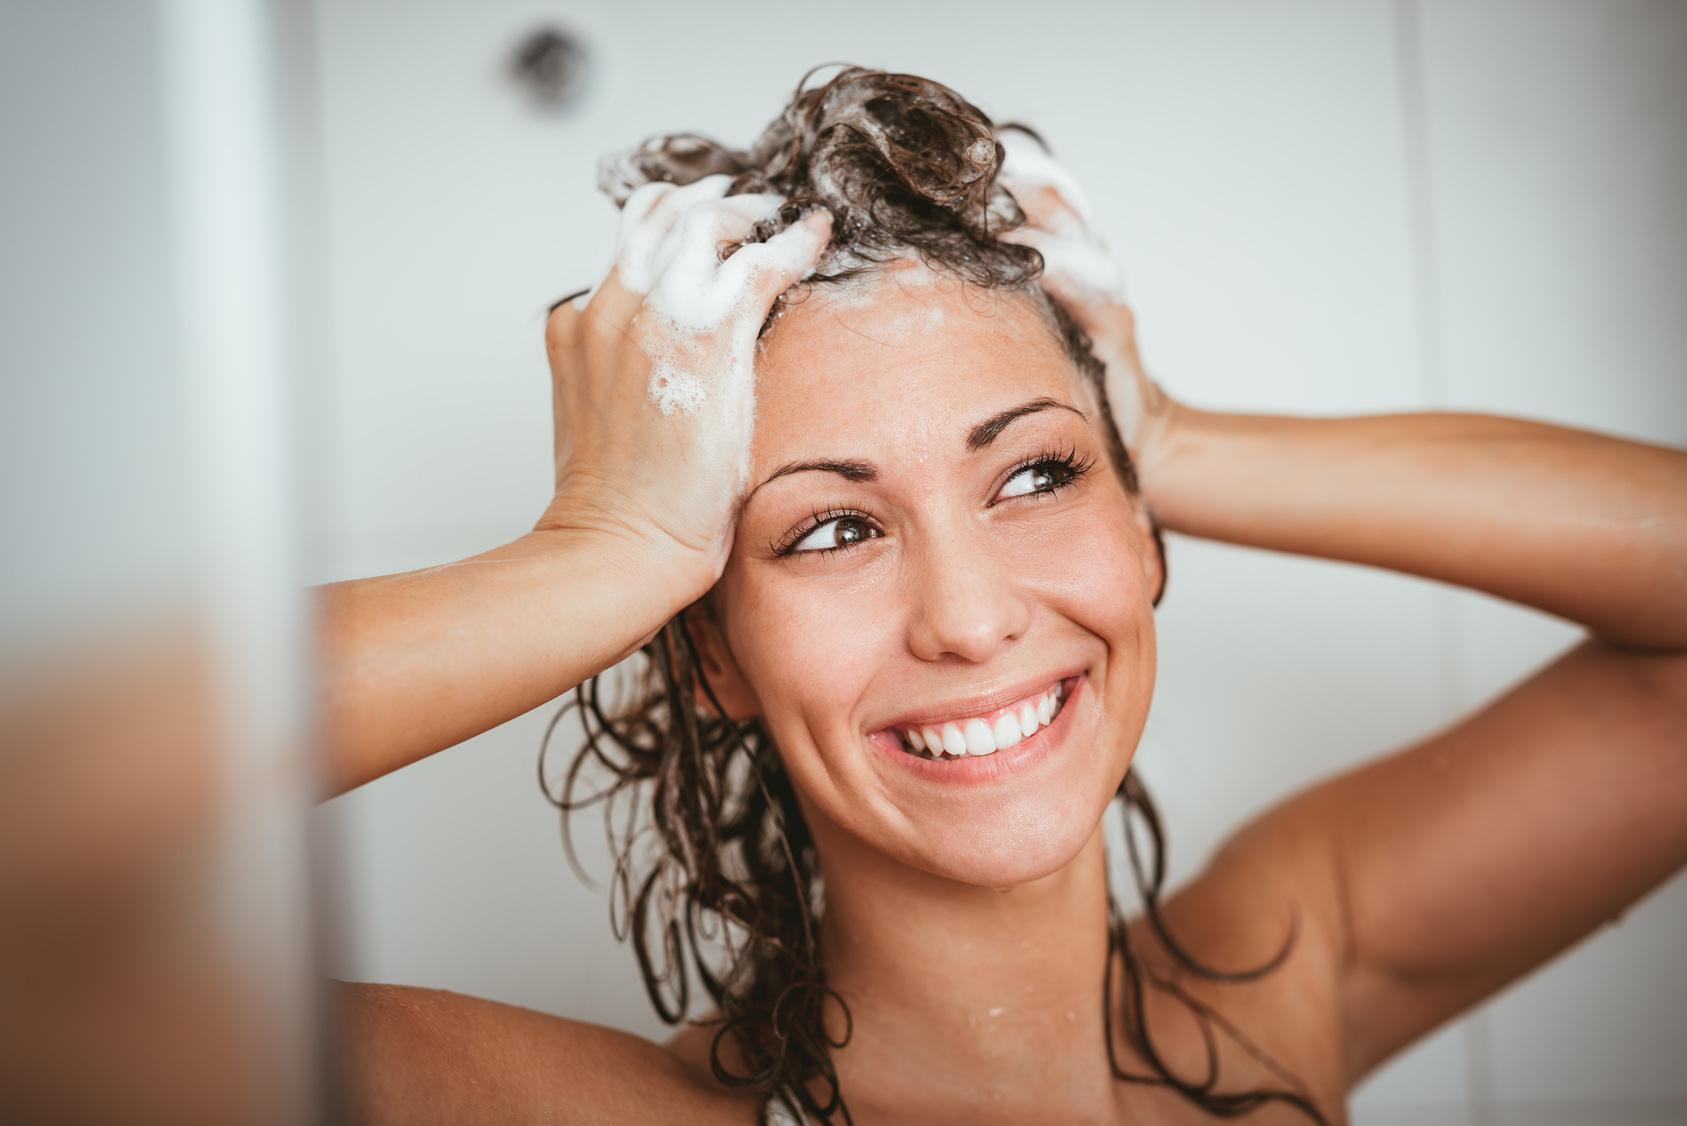 By zdrowe włosy mieć, zasad w życie wciel pięć!